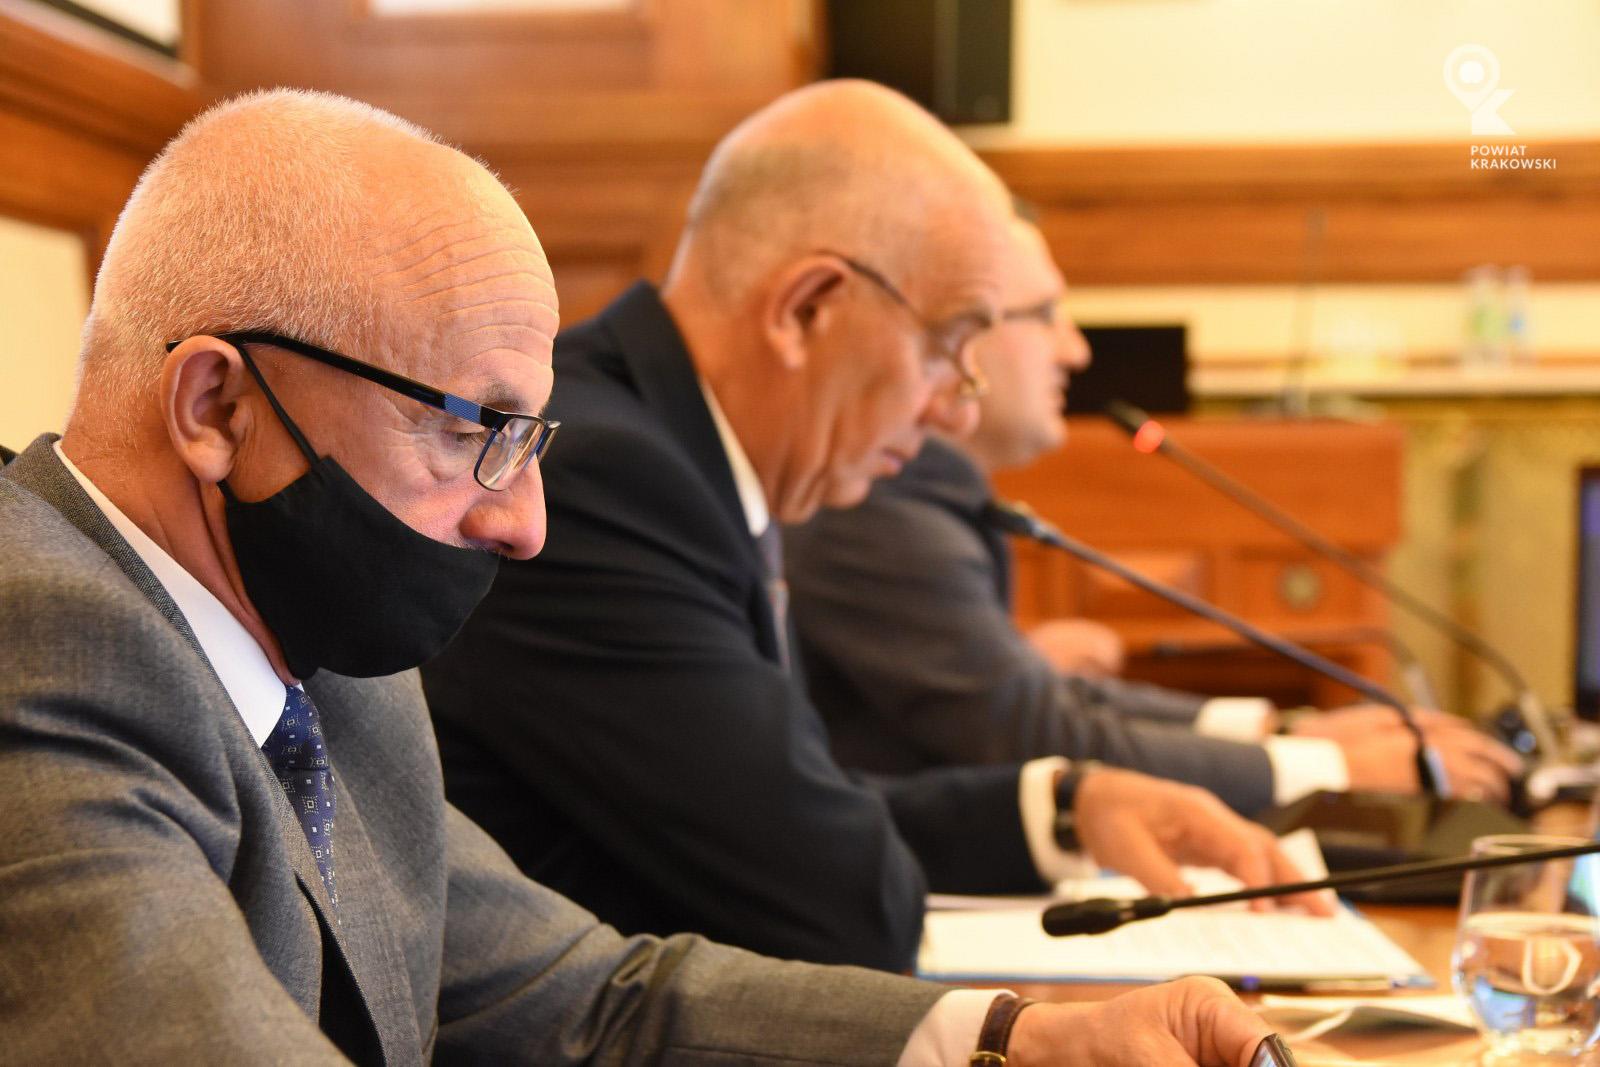 Widok prezydium Rady, na pierwszym planie zastępca przewodniczącego Rady Marek Piekara